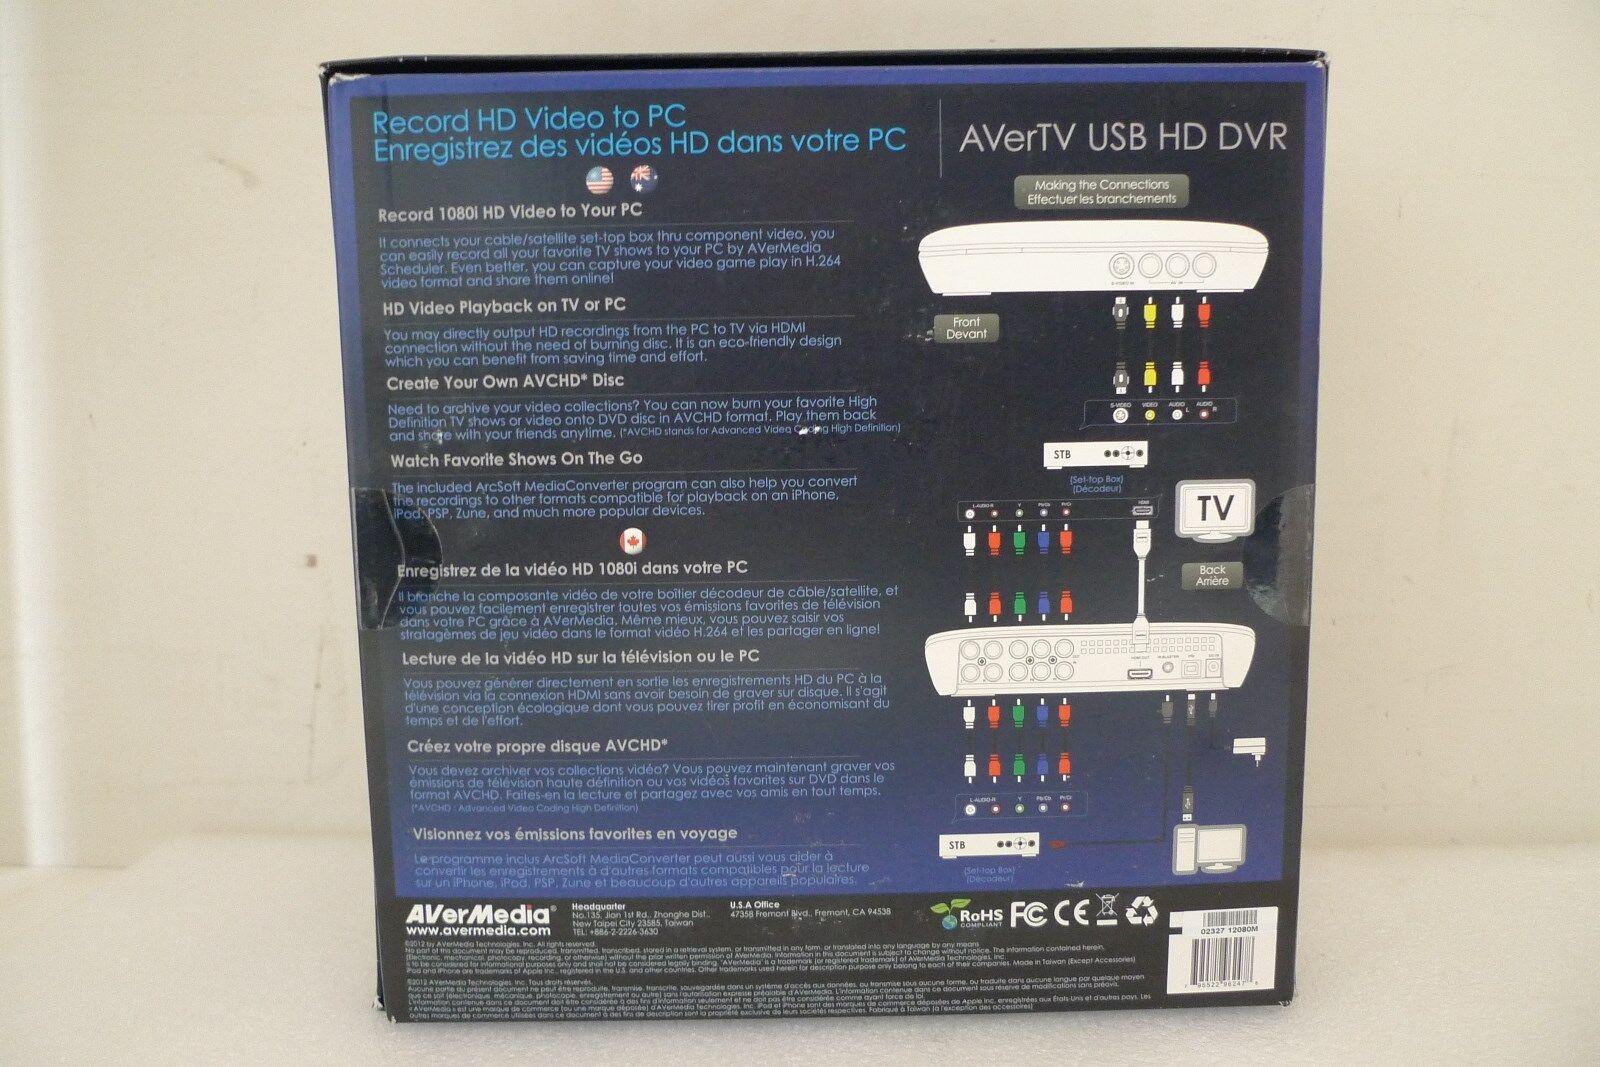 Mtvuhdrfc Avertv Usb Hd Dvr # Designe De Support De Television